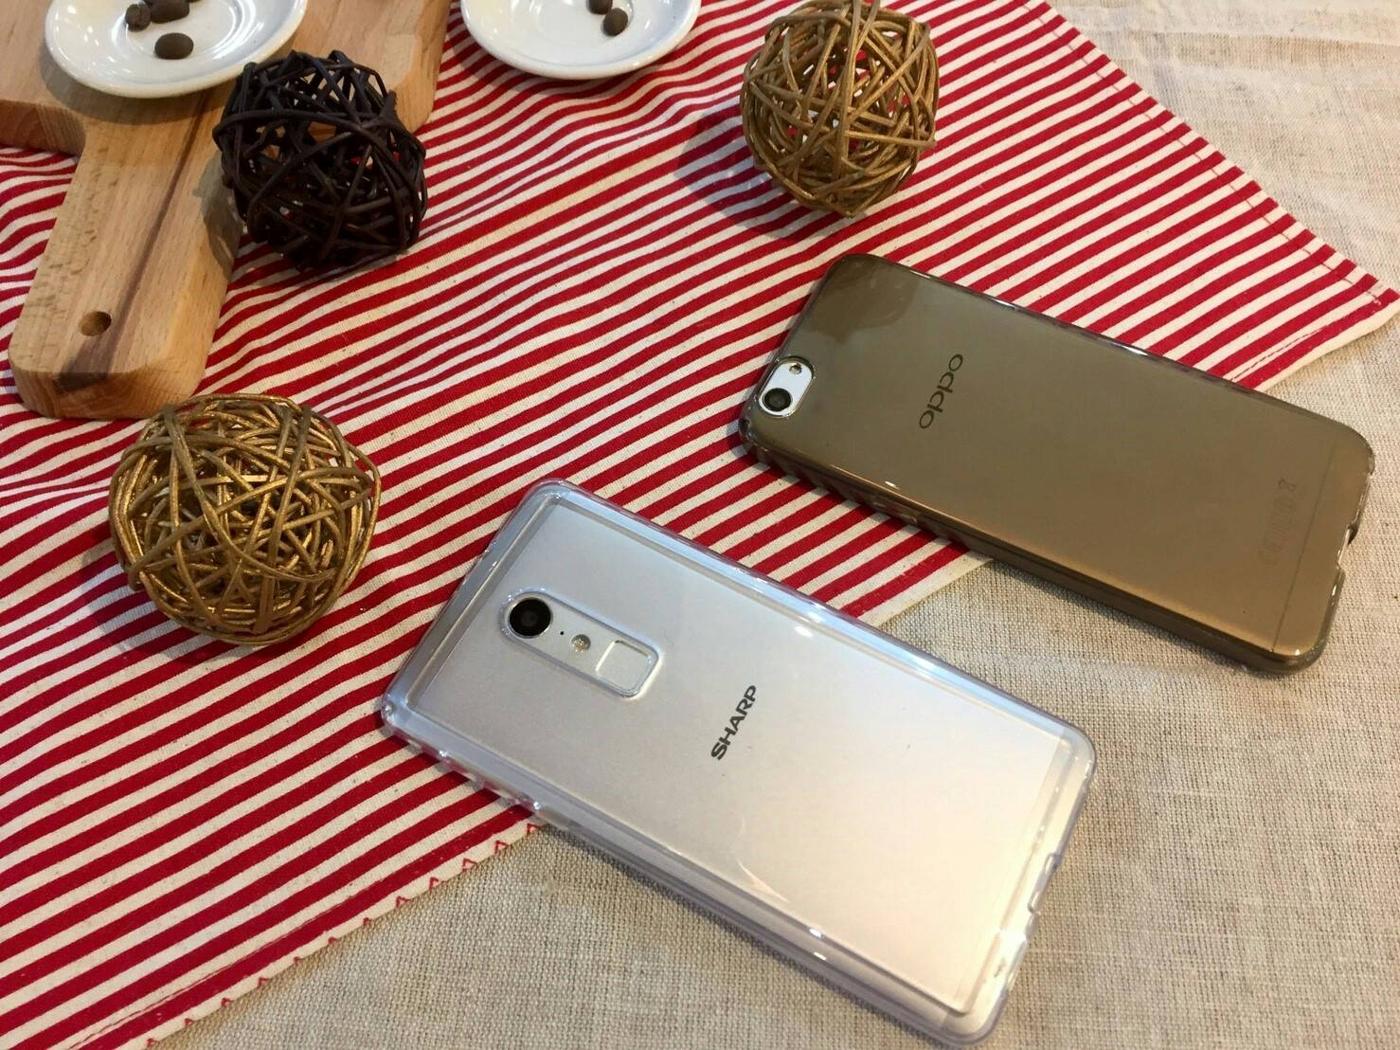 『矽膠軟殼套』LG V10 H962 / V20 H990 透明殼 背殼套 果凍套 清水套 手機套 手機殼 保護套 保護殼